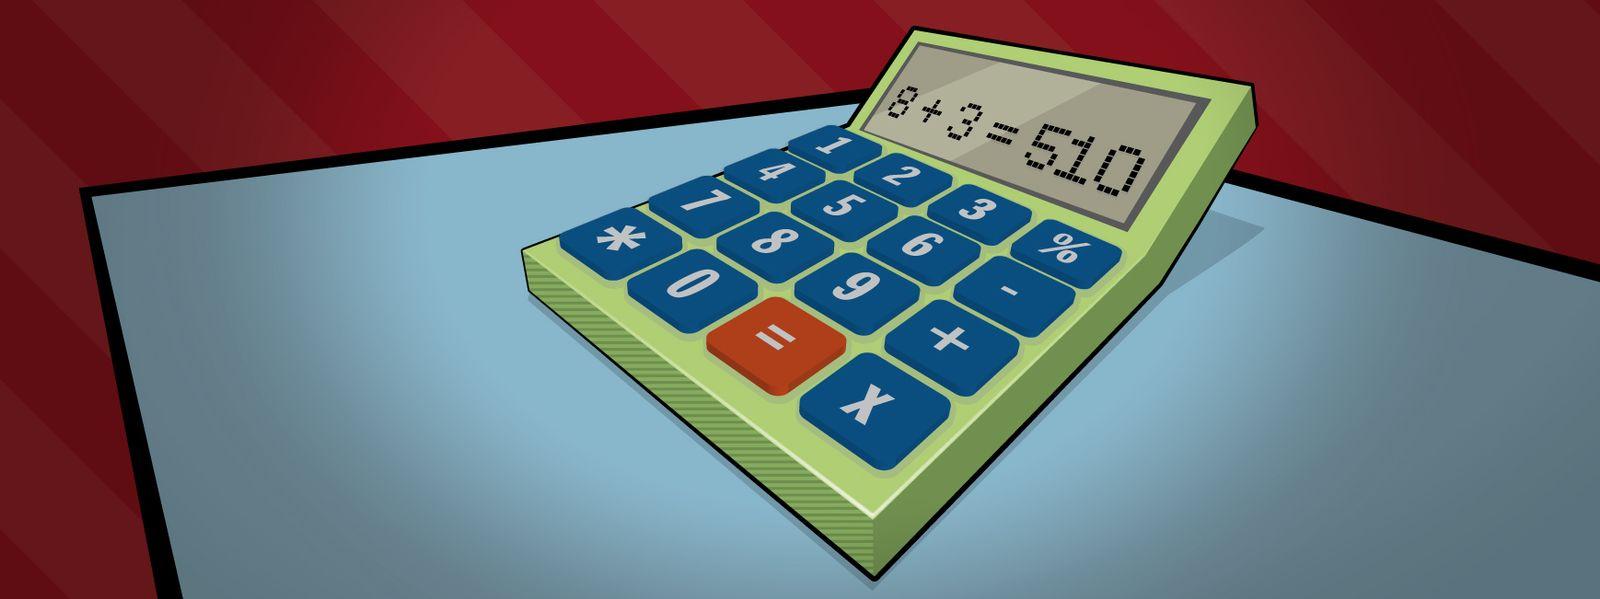 Rätsel der Woche Taschenrechner